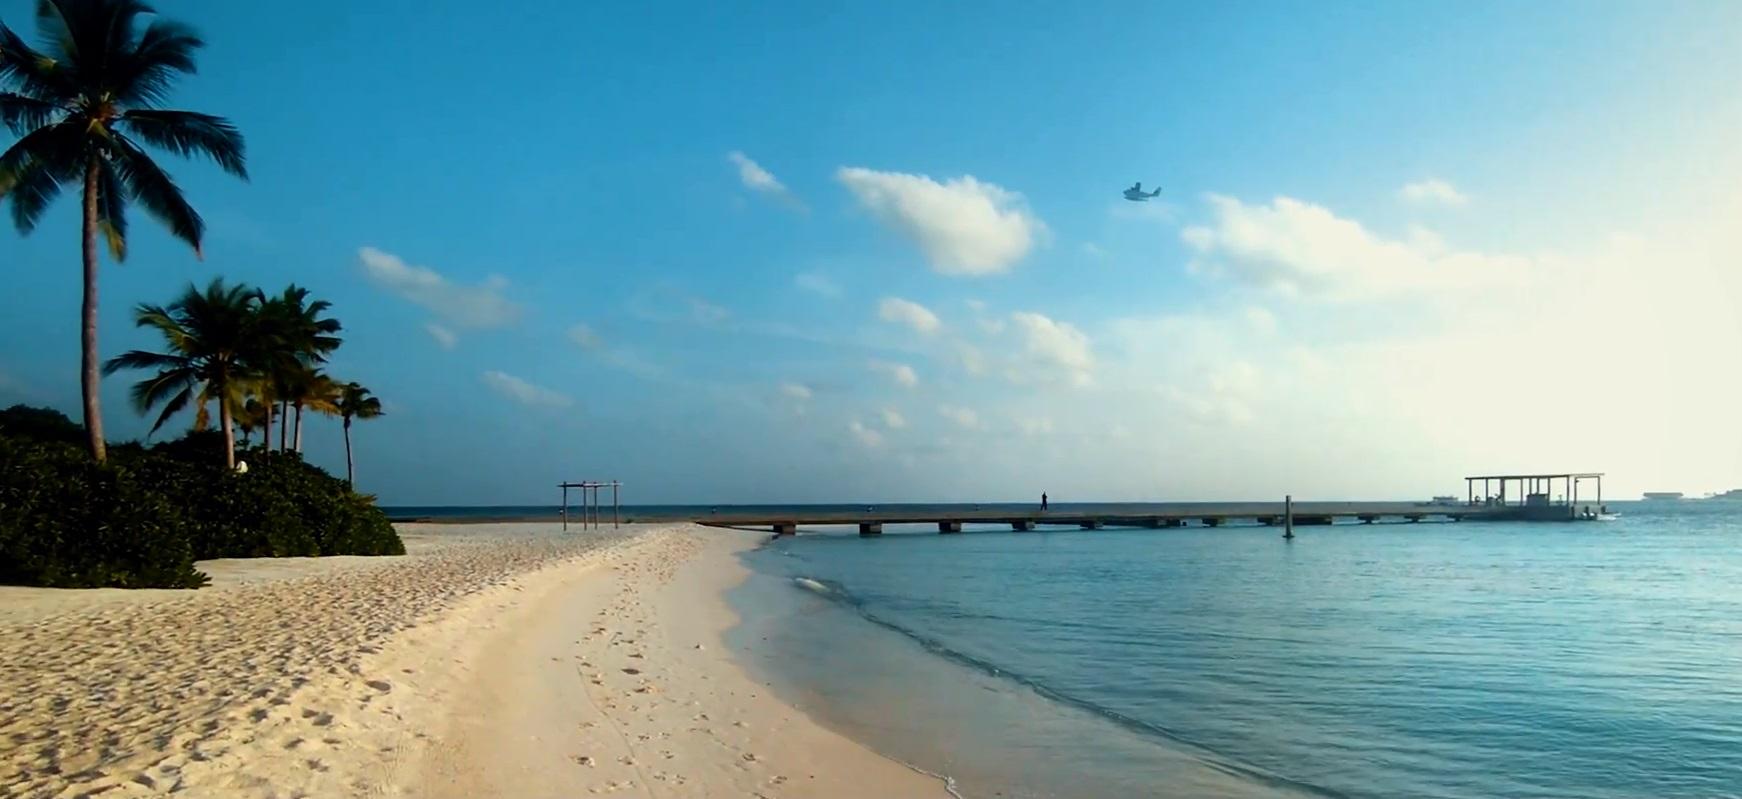 отзыв об отеле Kuramathi на Мальдивах